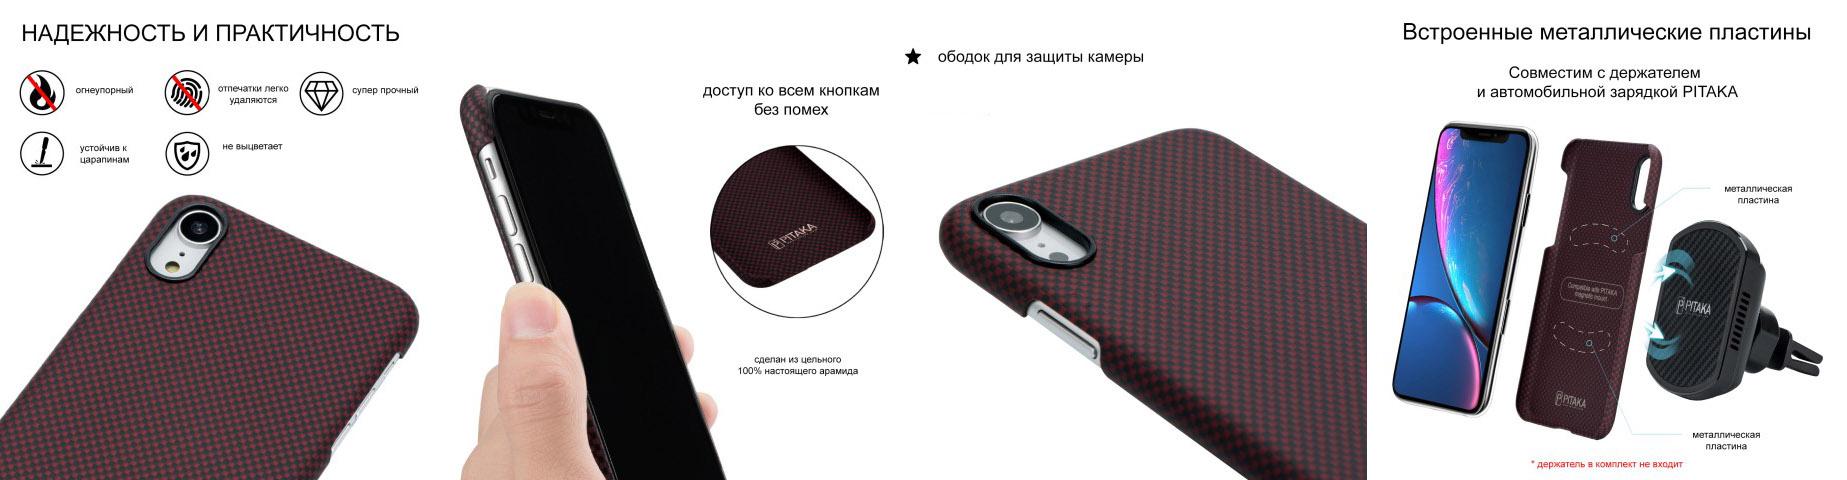 Чехол Pitaka MagCase шахматное плетение, красный, карбоновый для iPhone XR